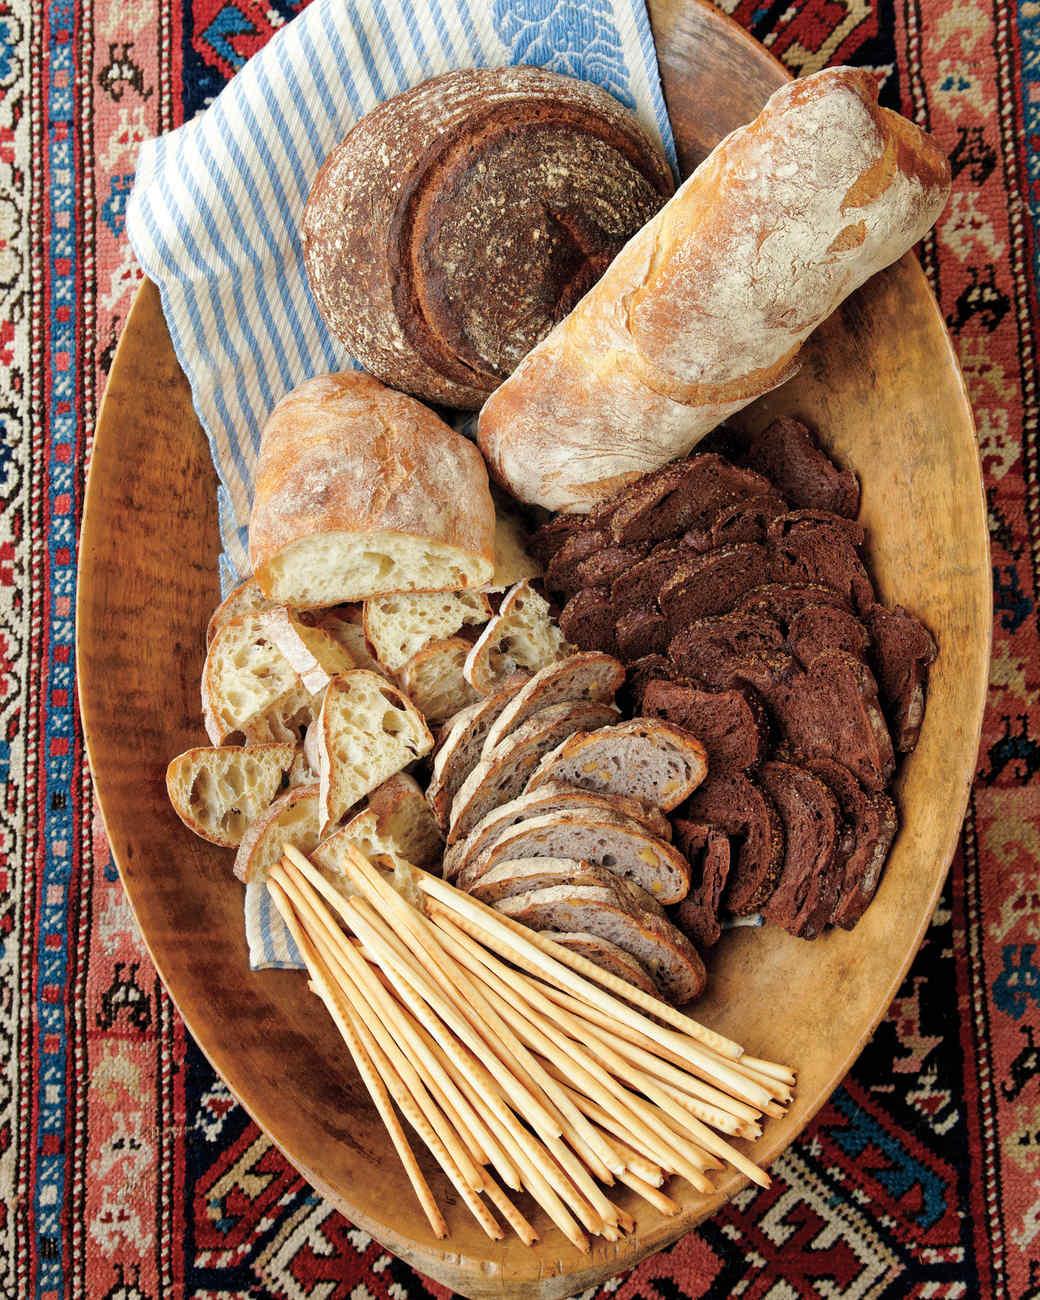 korean-bbq-bread-mld108045.jpg